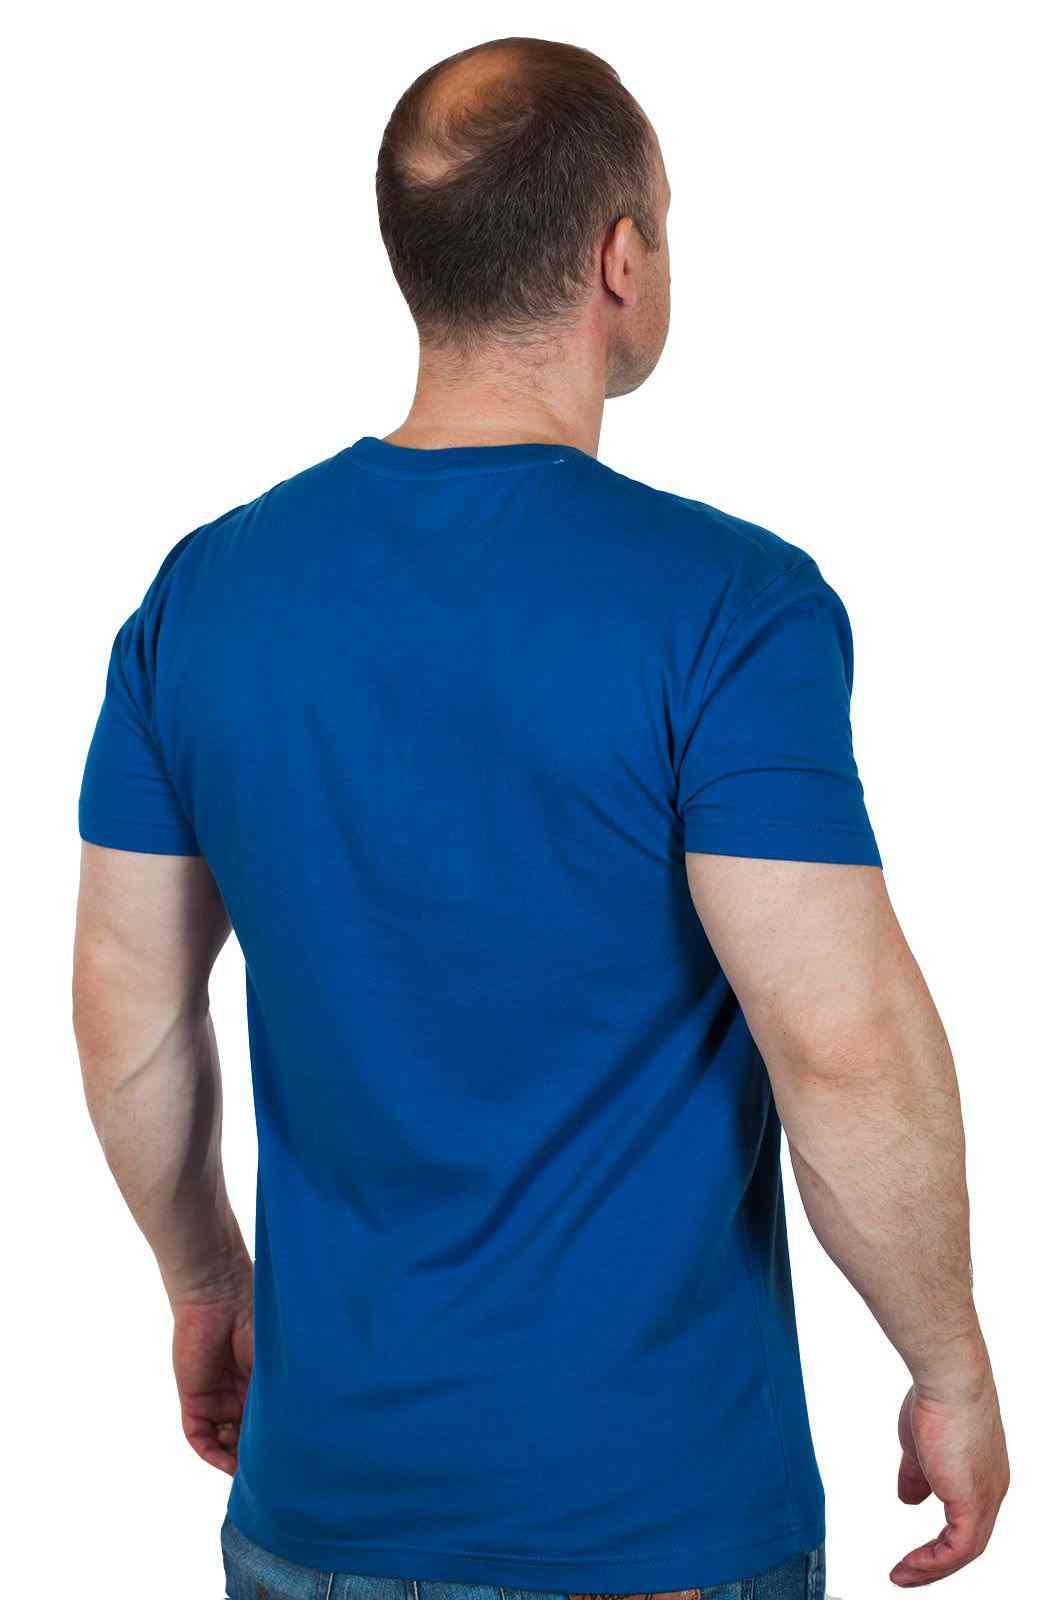 Брендовая мужская футболка Hard Rock® Fiji-вид сзади